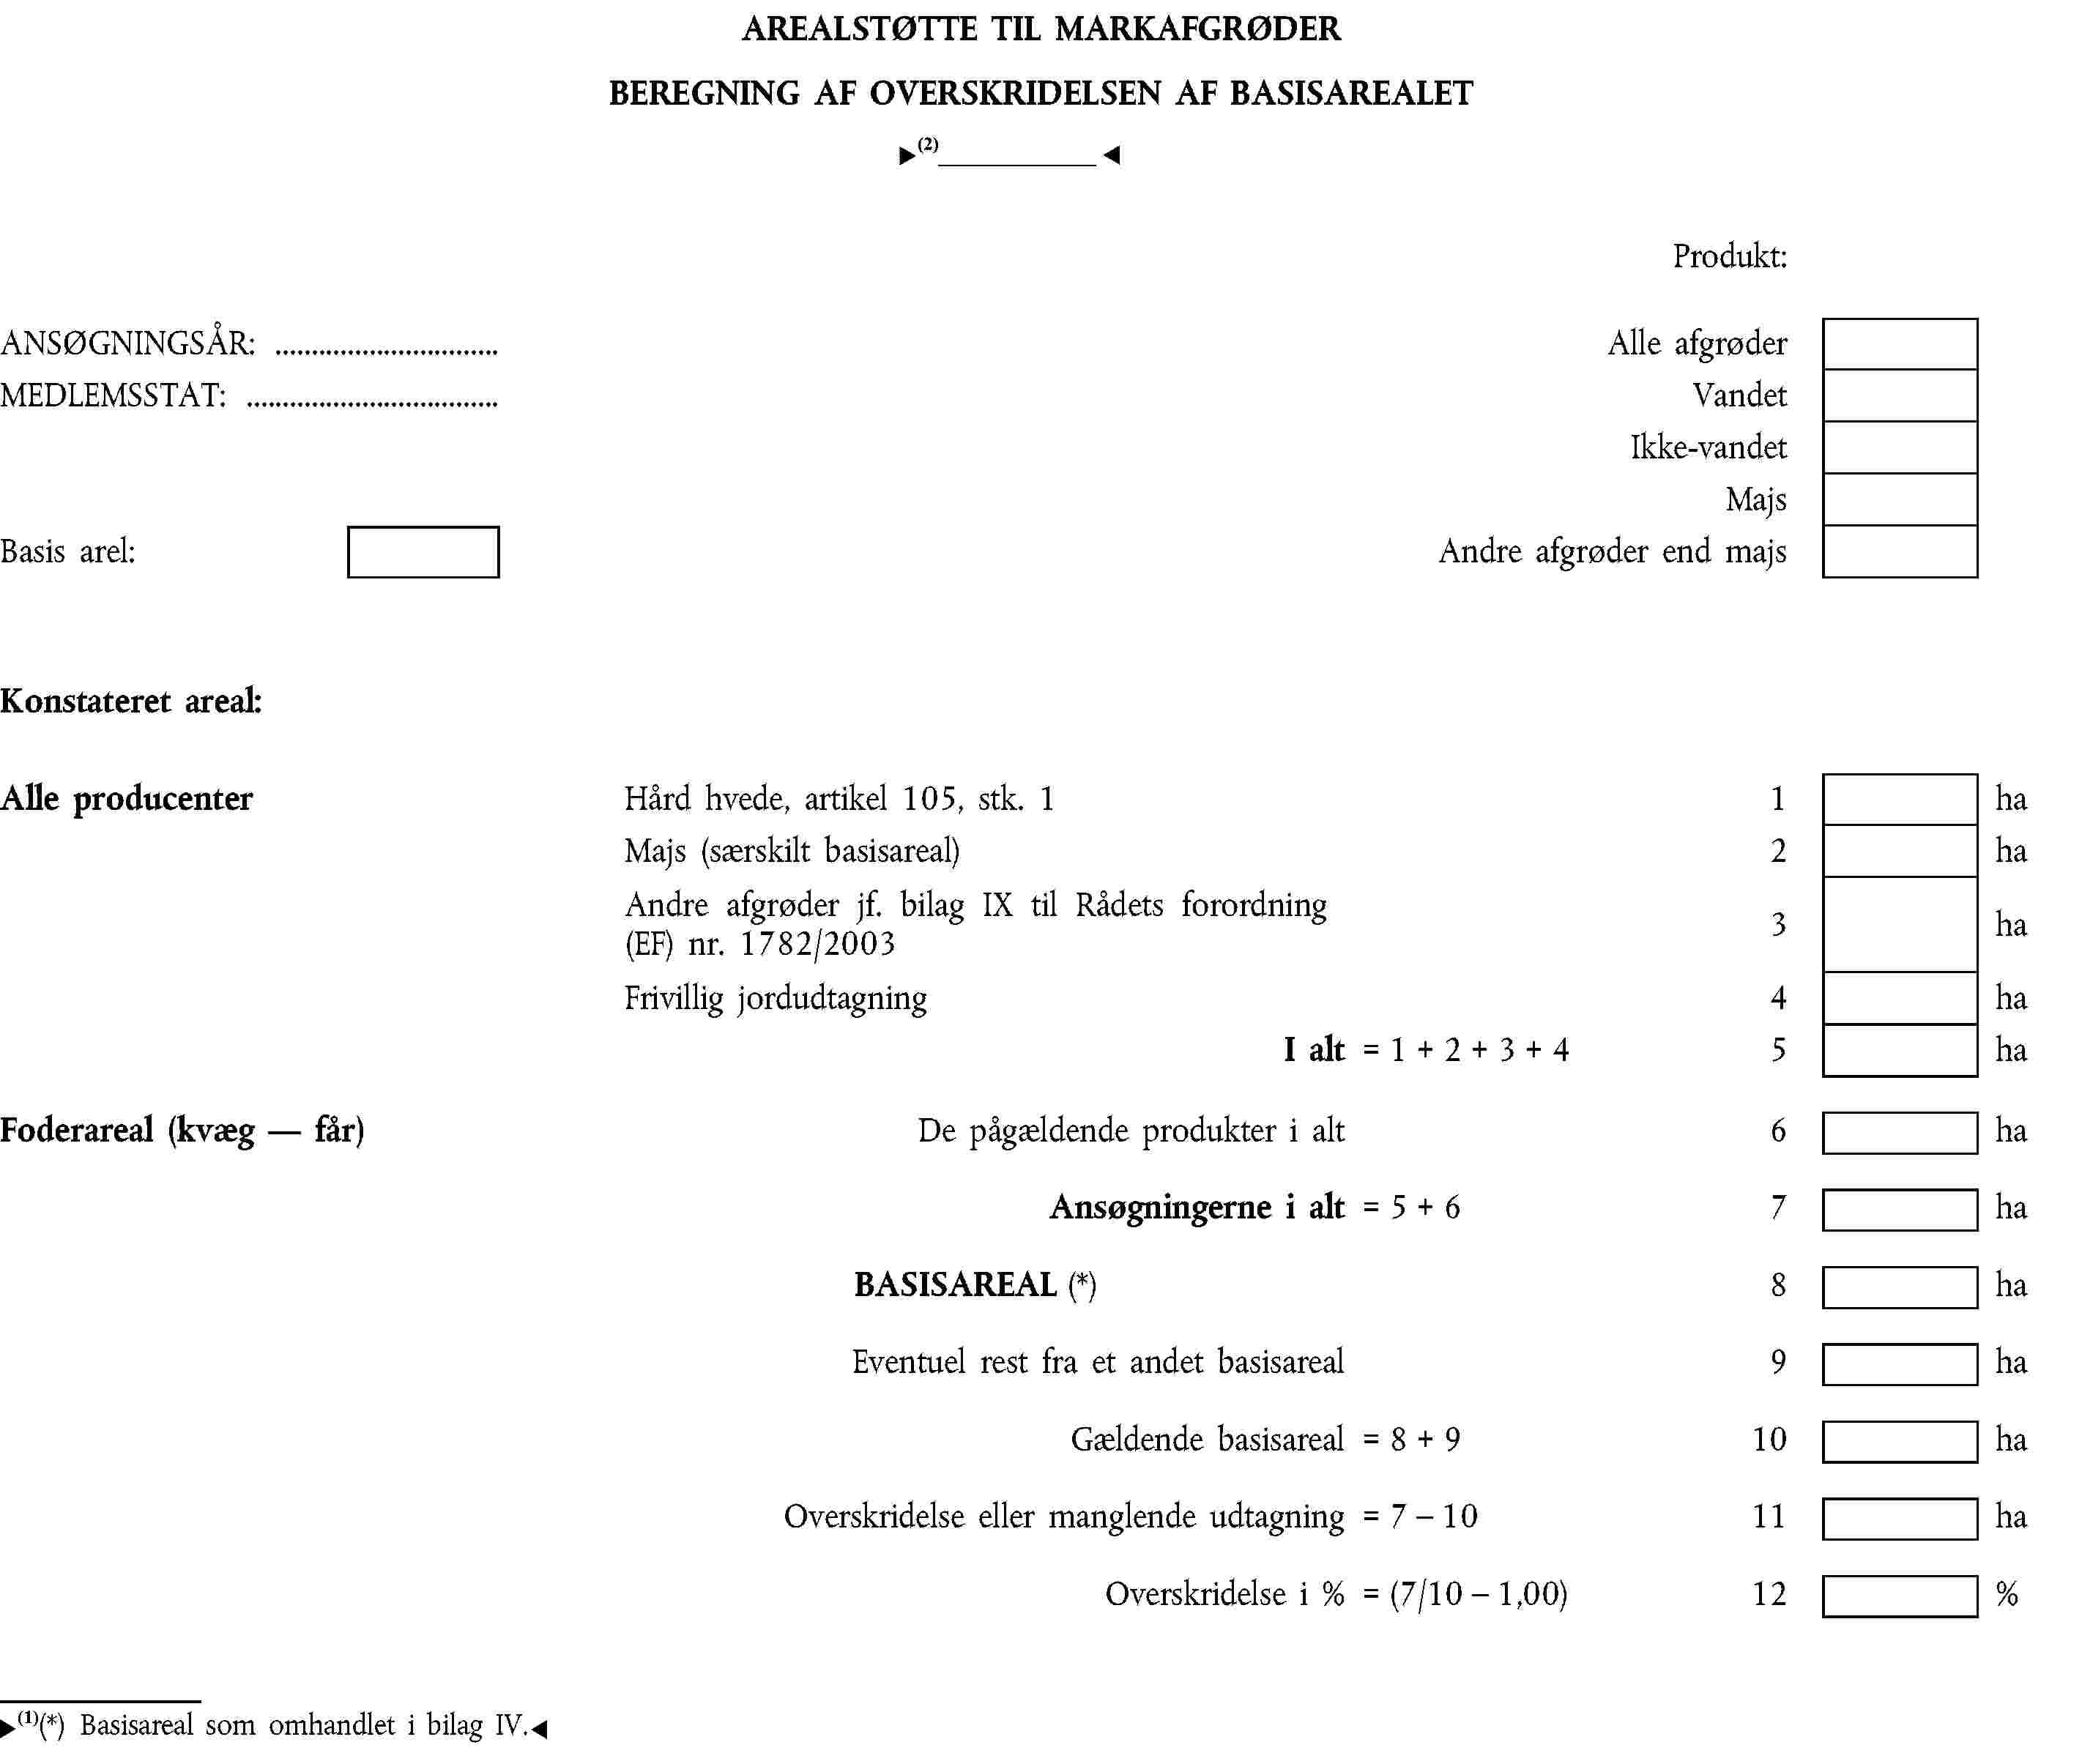 Aldersgruppe for dating formel